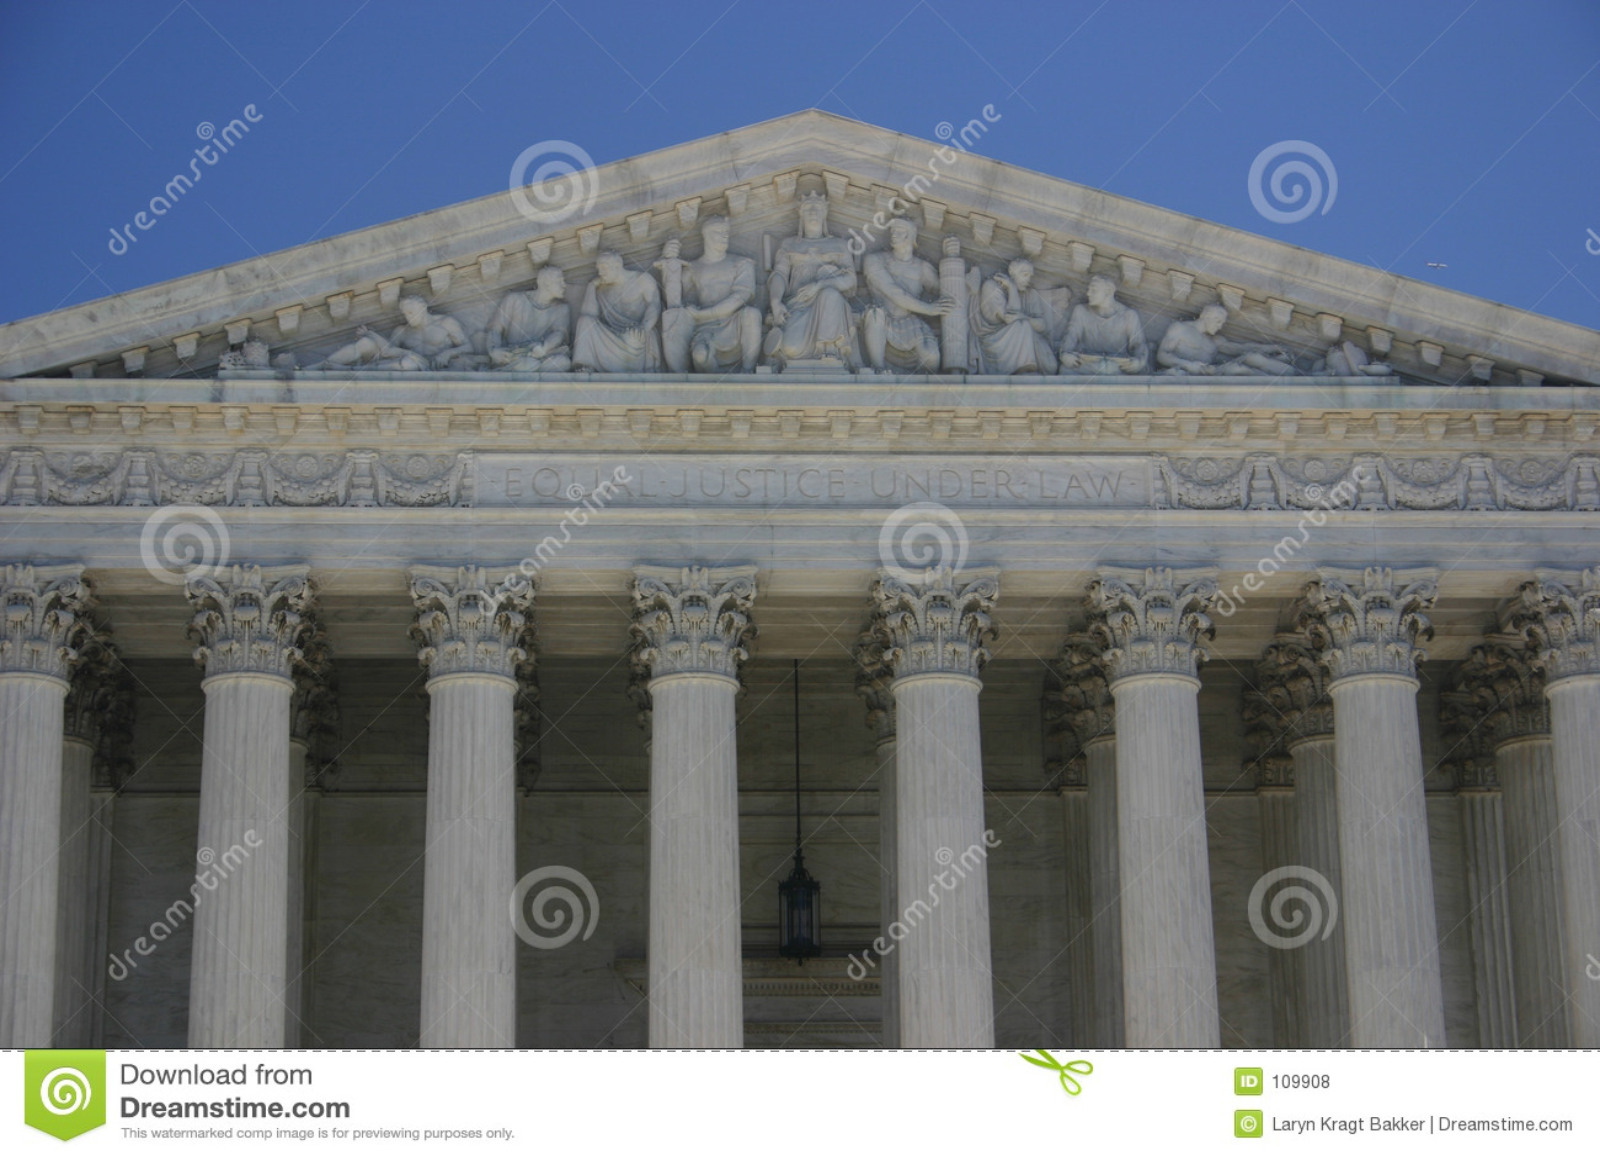 Taką samą sprawiedliwości sądu najwyższego w prawo